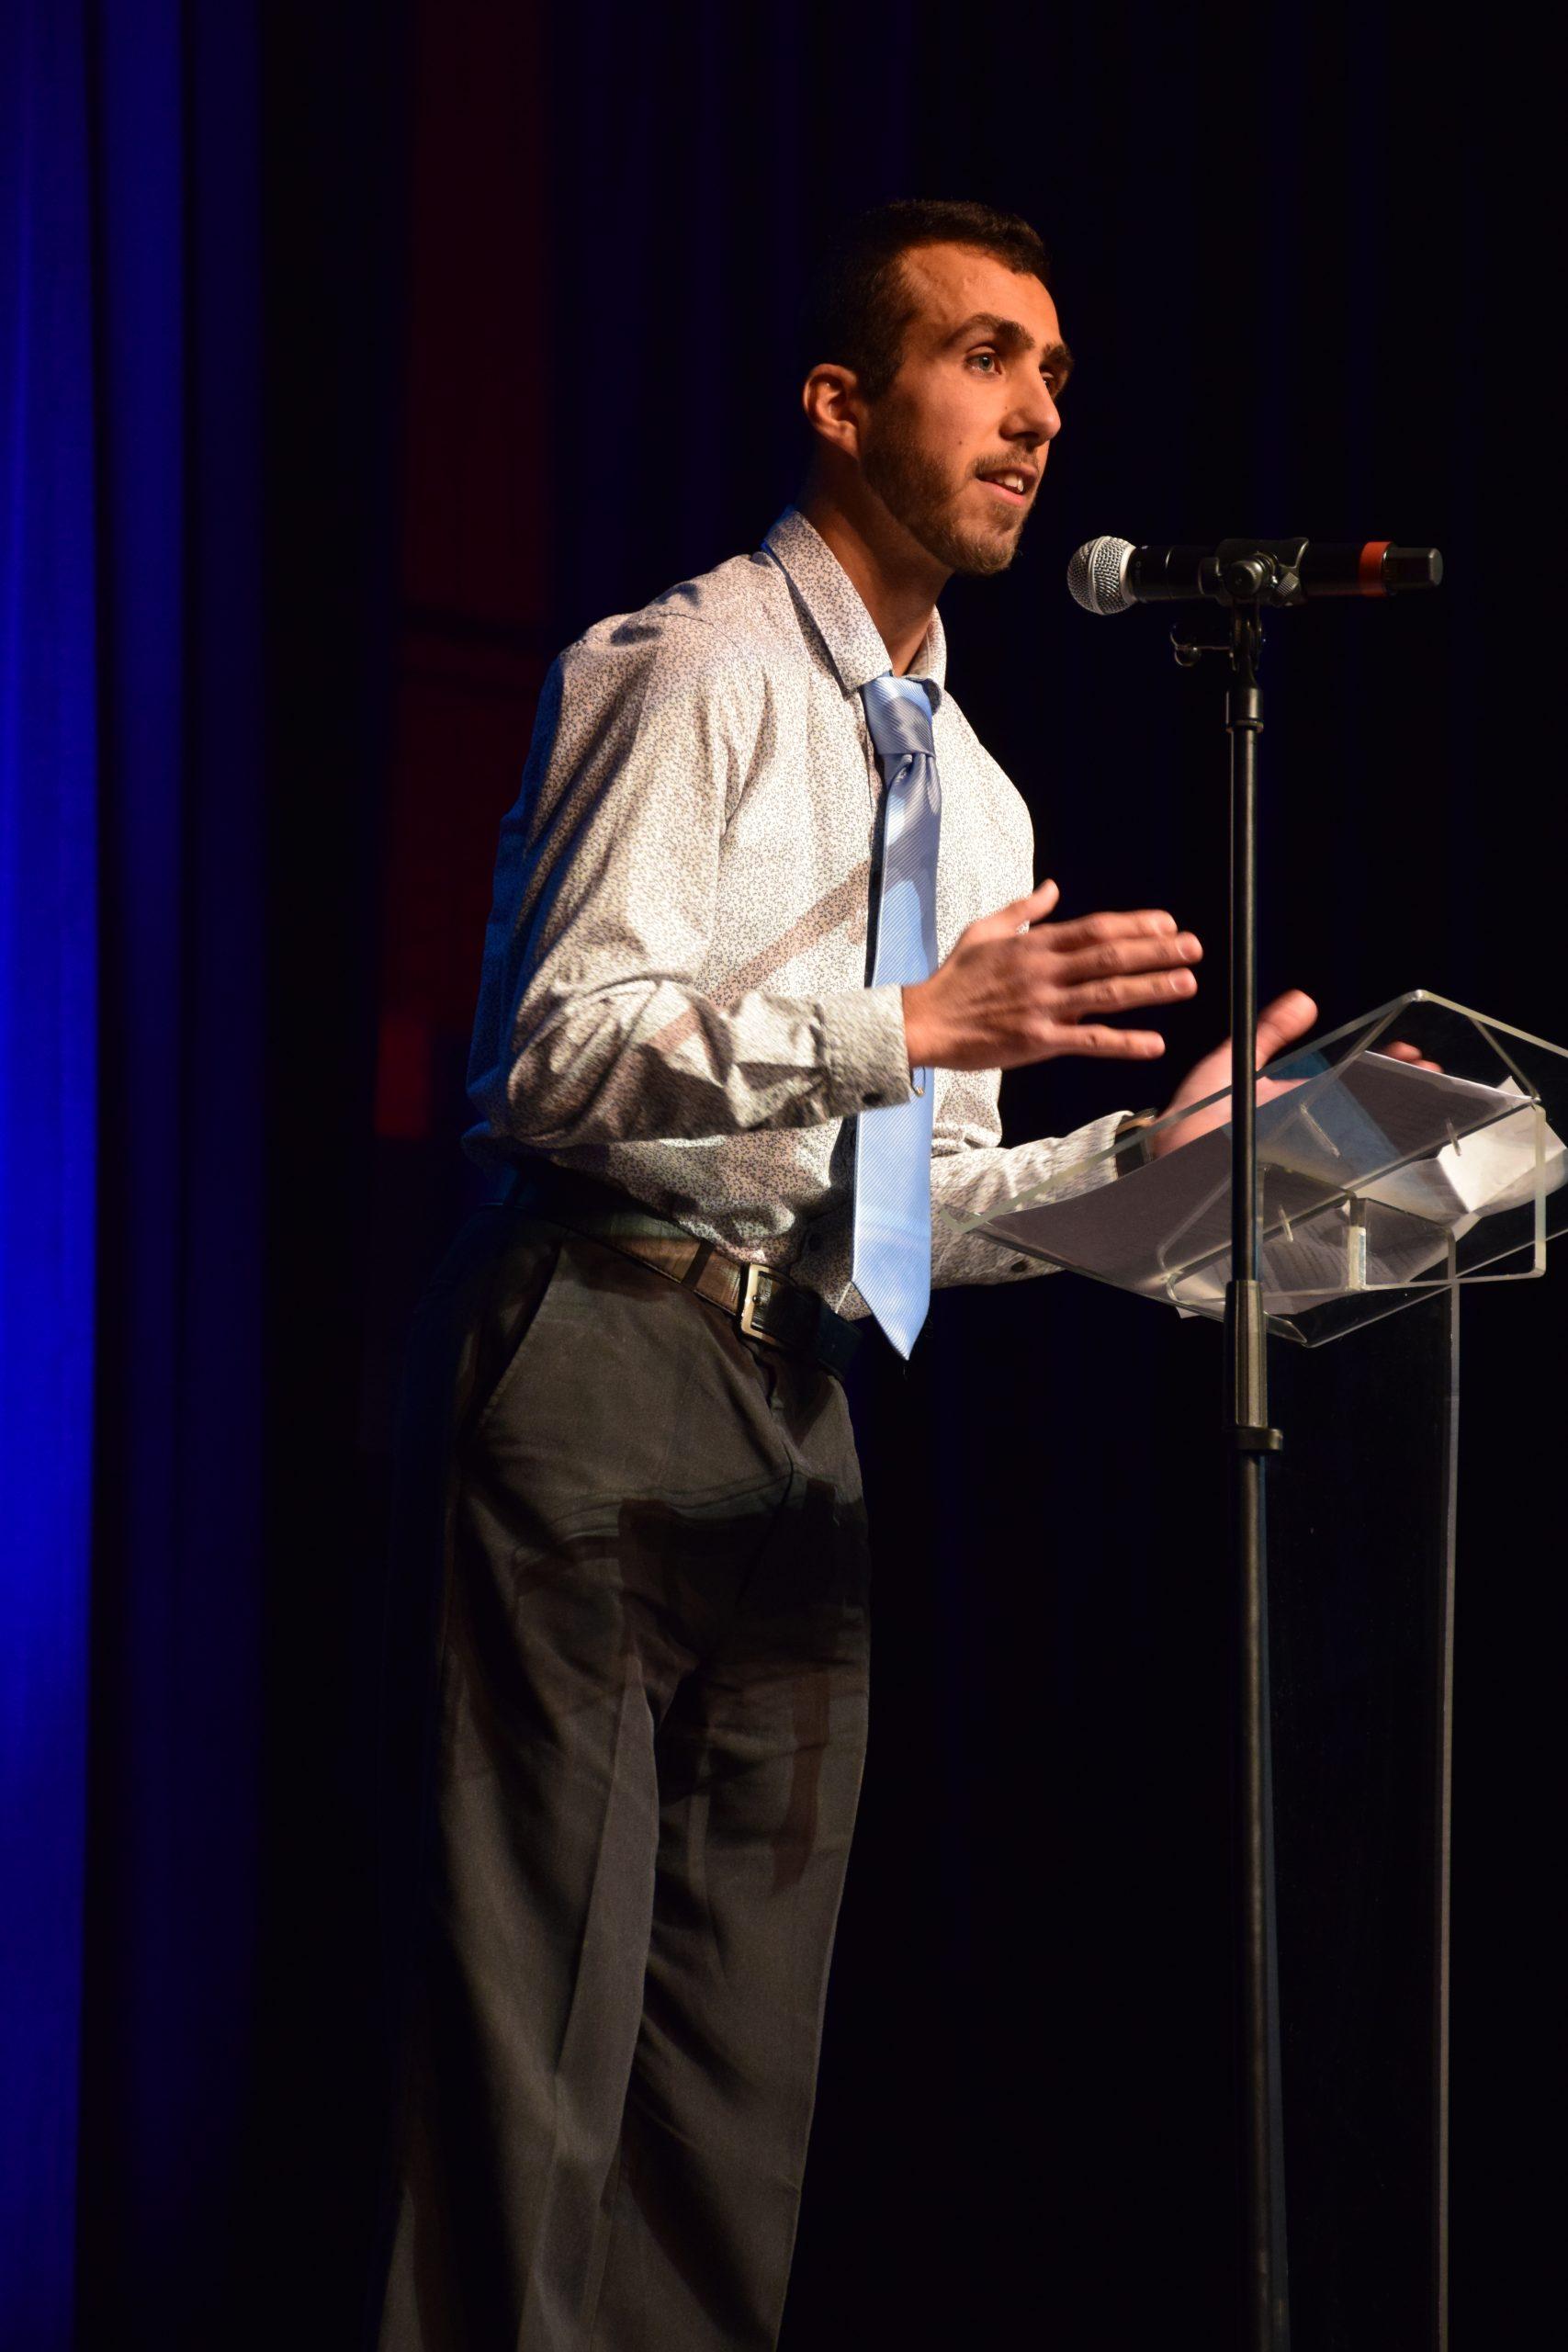 Témoignage de Khaled Amin, étudiant international d'origine syrienne, qui a intégré la formation via le concours DE.  Crédit photo : ©Club photo CDA